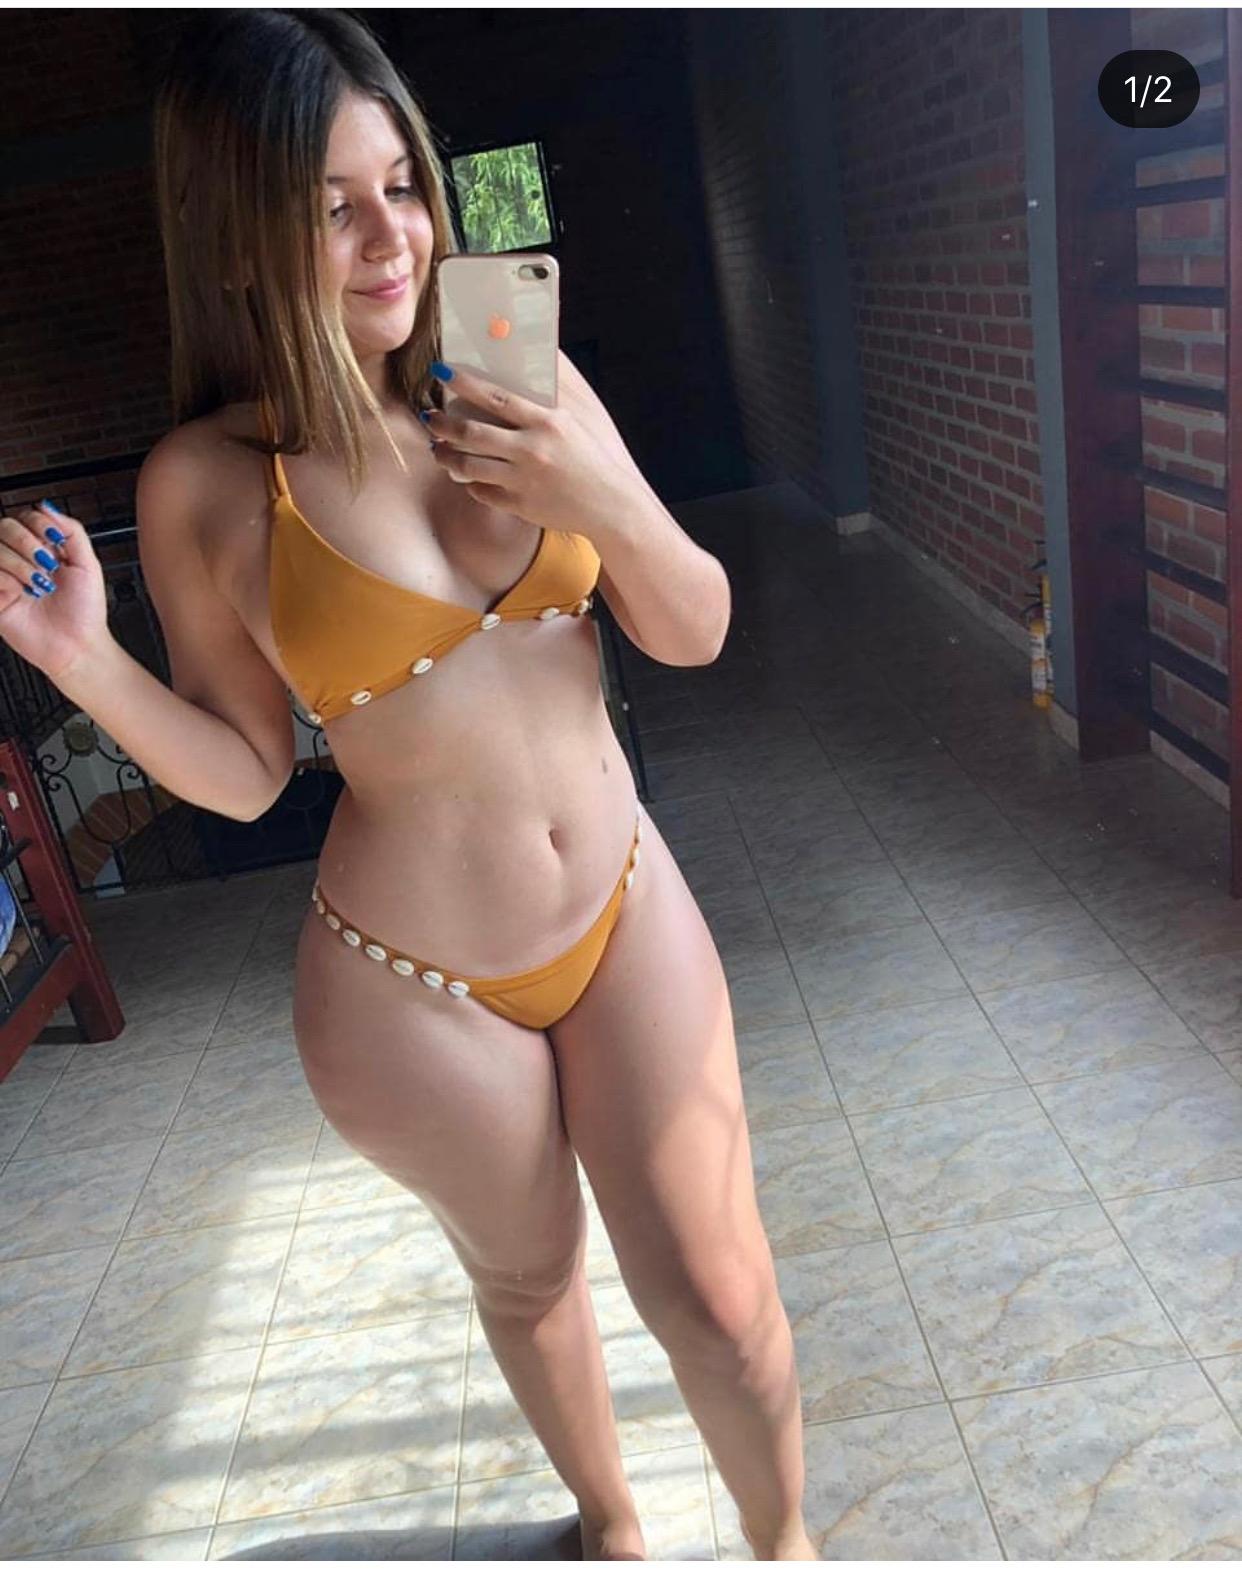 Isabela Ramirez Nude Onlyfans Leaked 0040